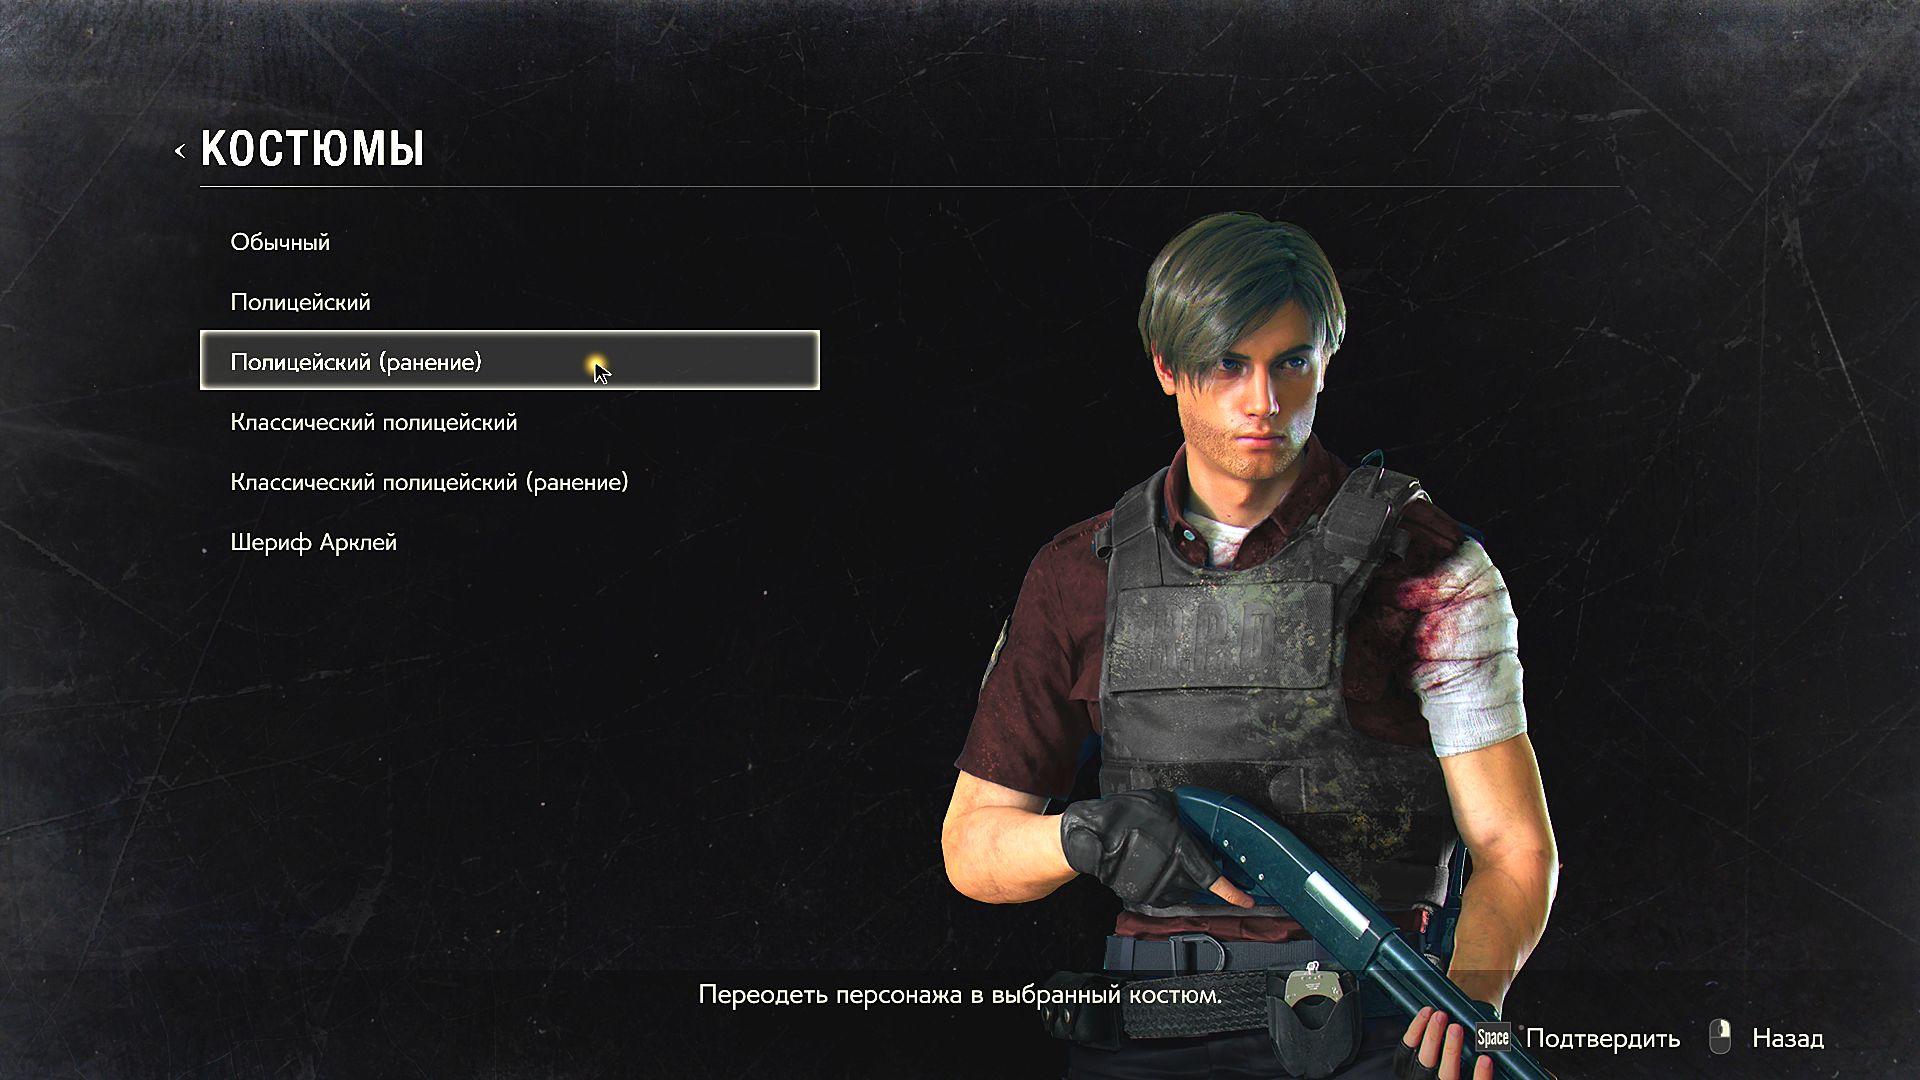 000713.Jpg - Resident Evil 2